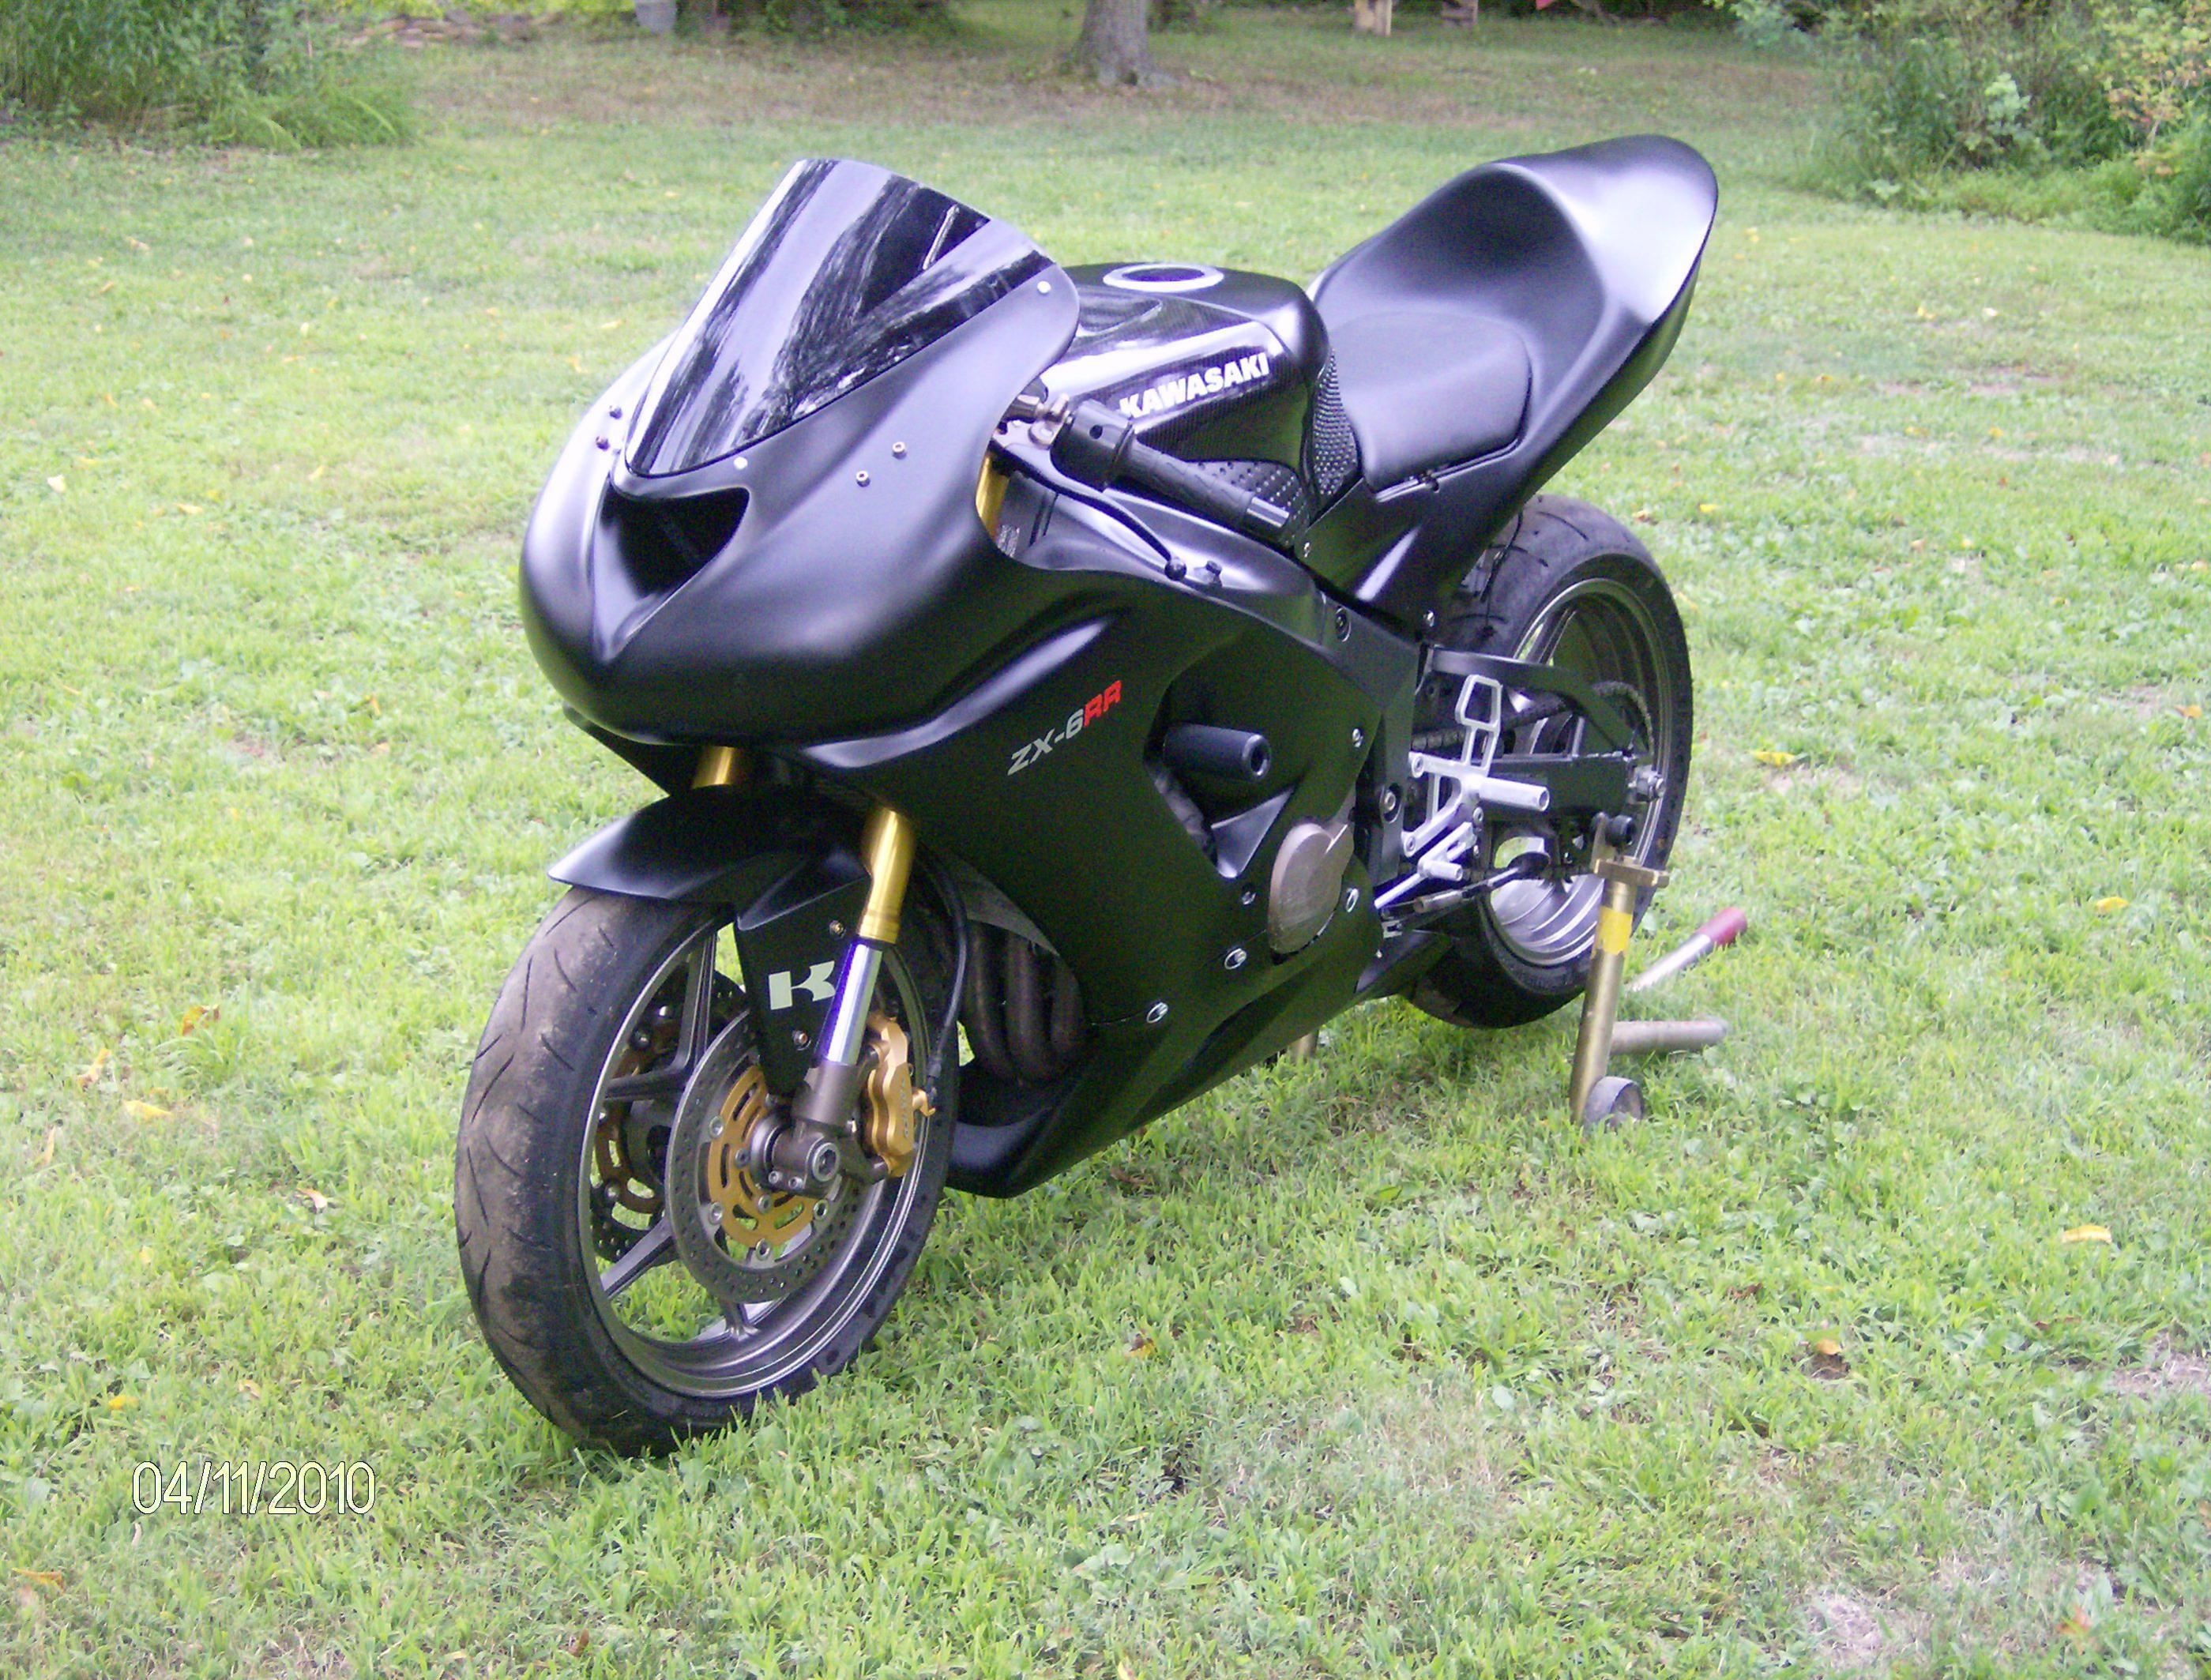 05-kawasaki-zx6rr-600-track-bike-sale-stuff-sale-020.jpg